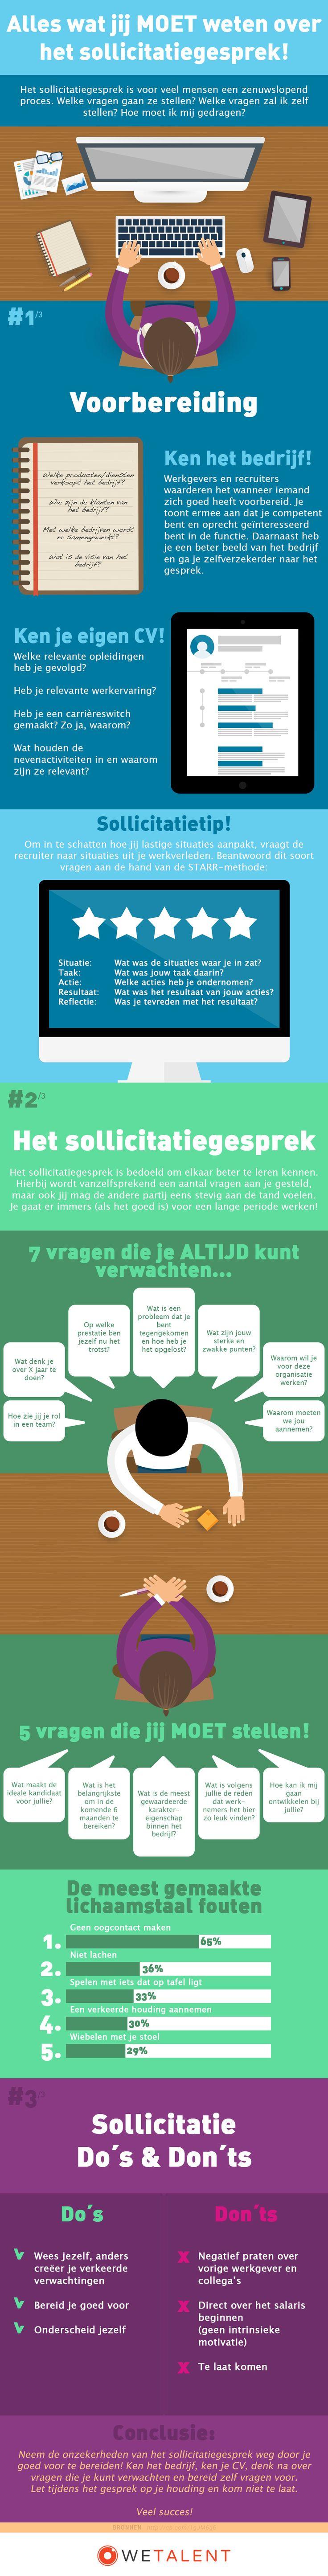 Sollicitatietips: alles wat jij moet weten over het sollicitatiegesprek in een leuke infographic!